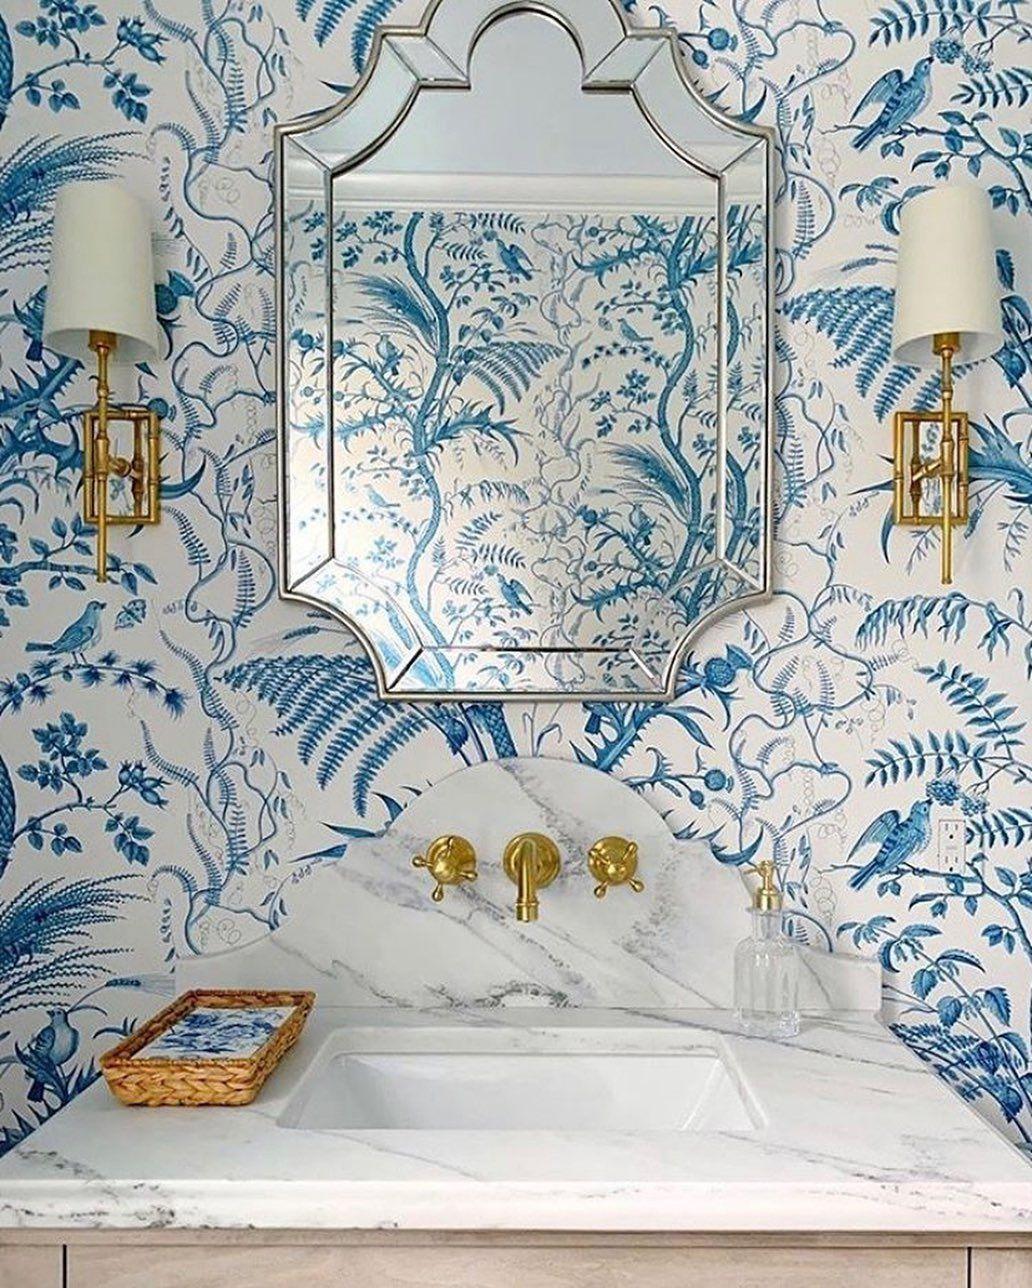 Brunschwig Fils Bird And Thistle Blue Wallpaper Powder Room Wallpaper Powder Room Bird And Thistle